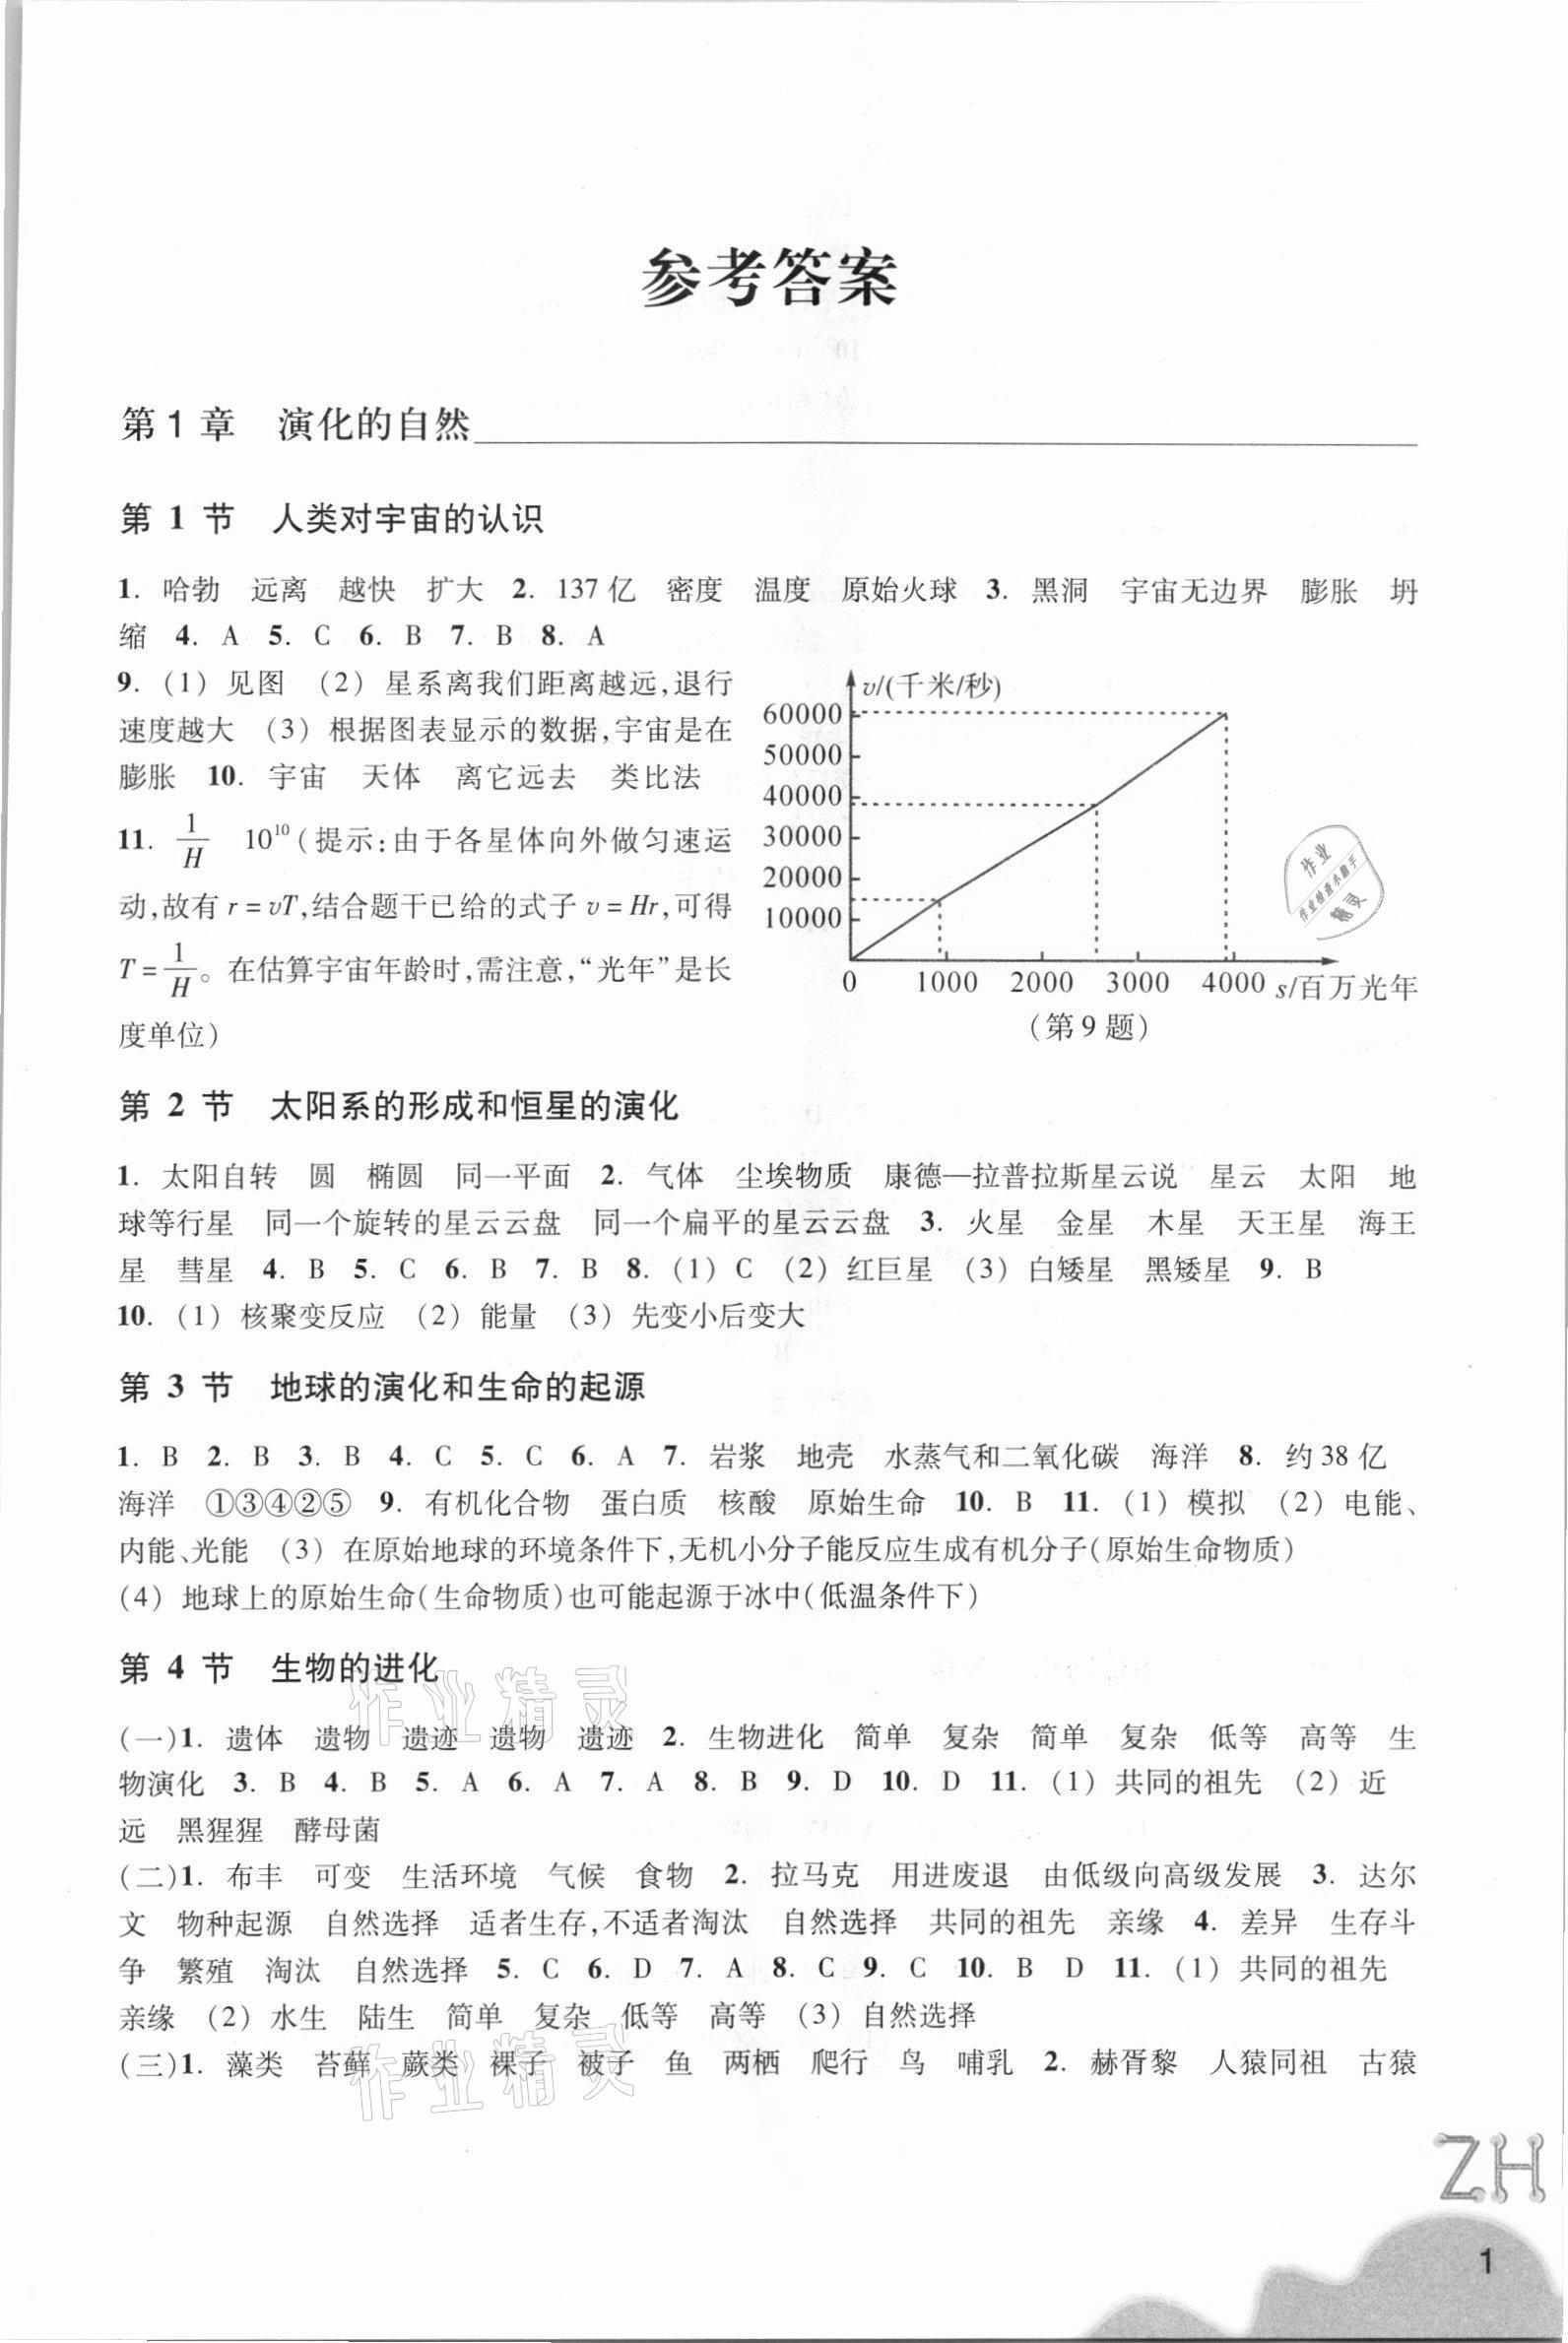 2021年科学作业本九年级下册浙教版浙江教育出版社第1页